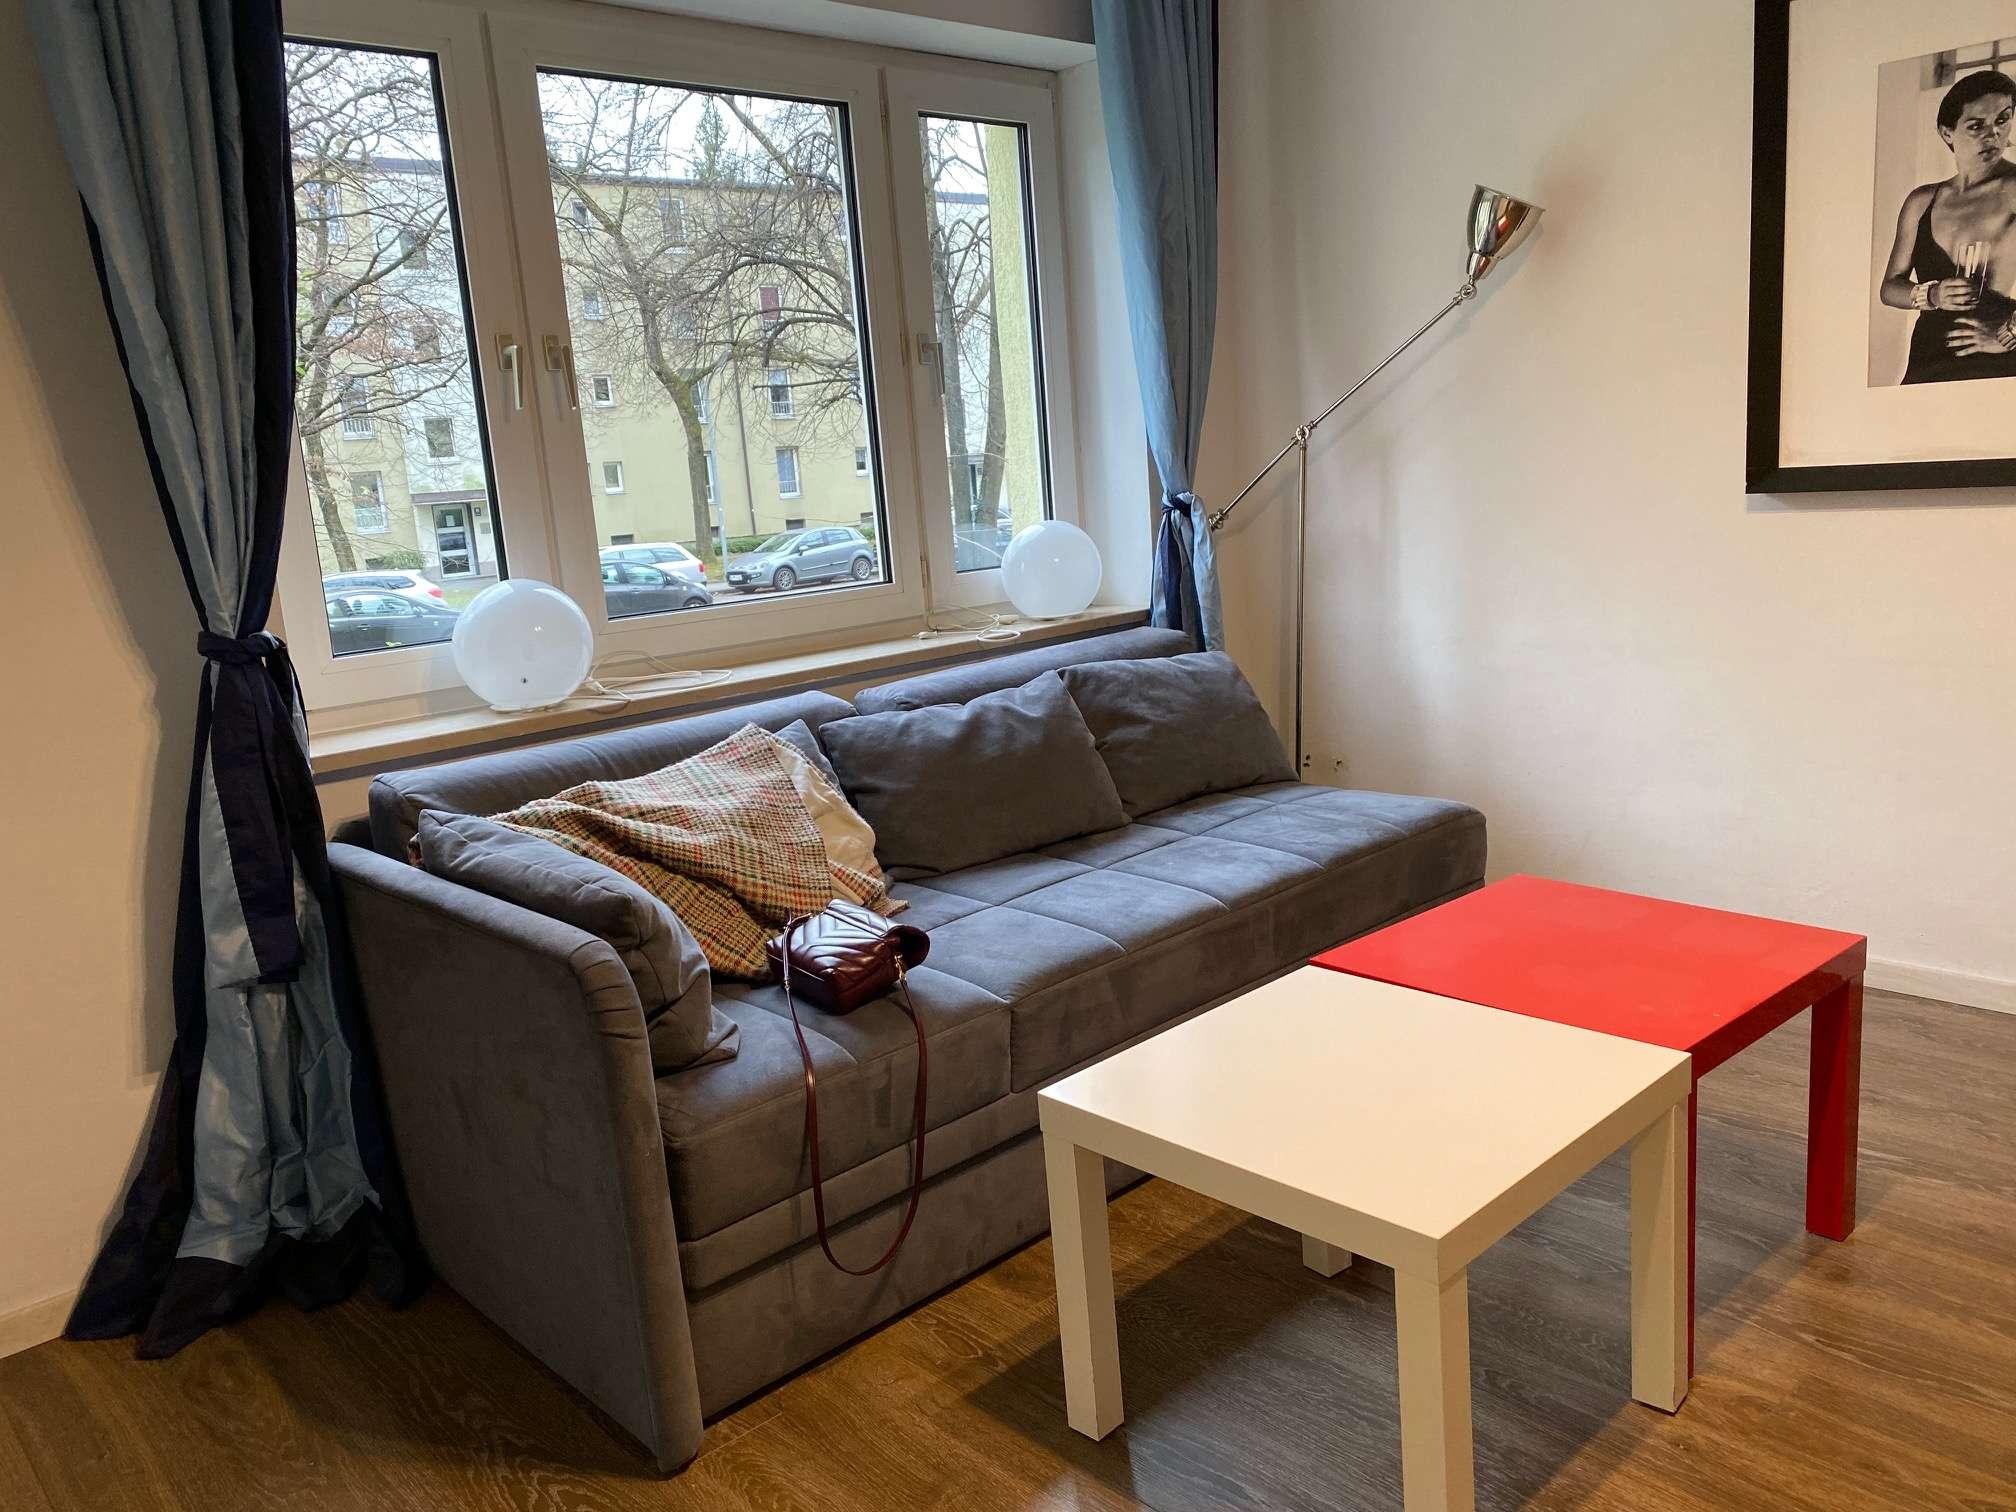 Sanierte  und möbliertes 2-Zimmer Appartemnt mit Balkon in Bogenhausen, München U Bahn Böhmerwaldpl. in Bogenhausen (München)